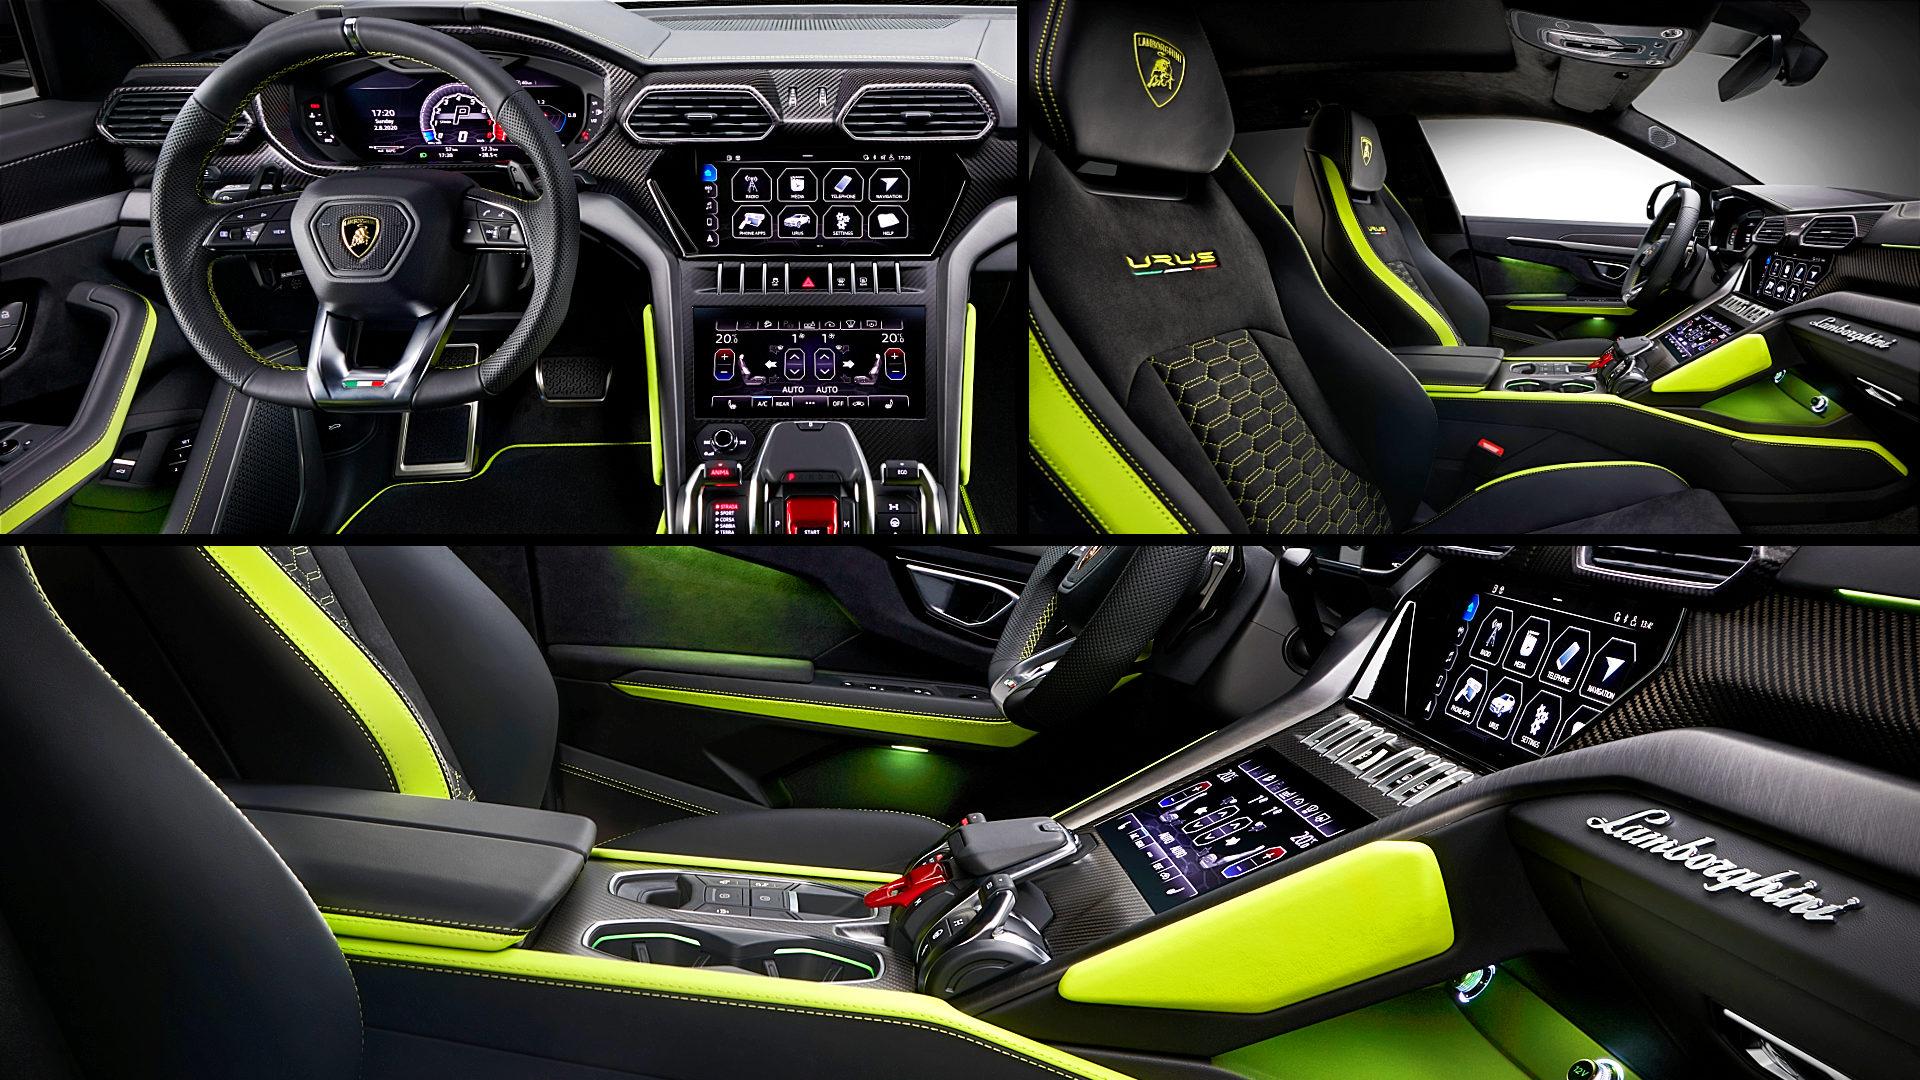 2021 Lamborghini Urus Black Interior Inside